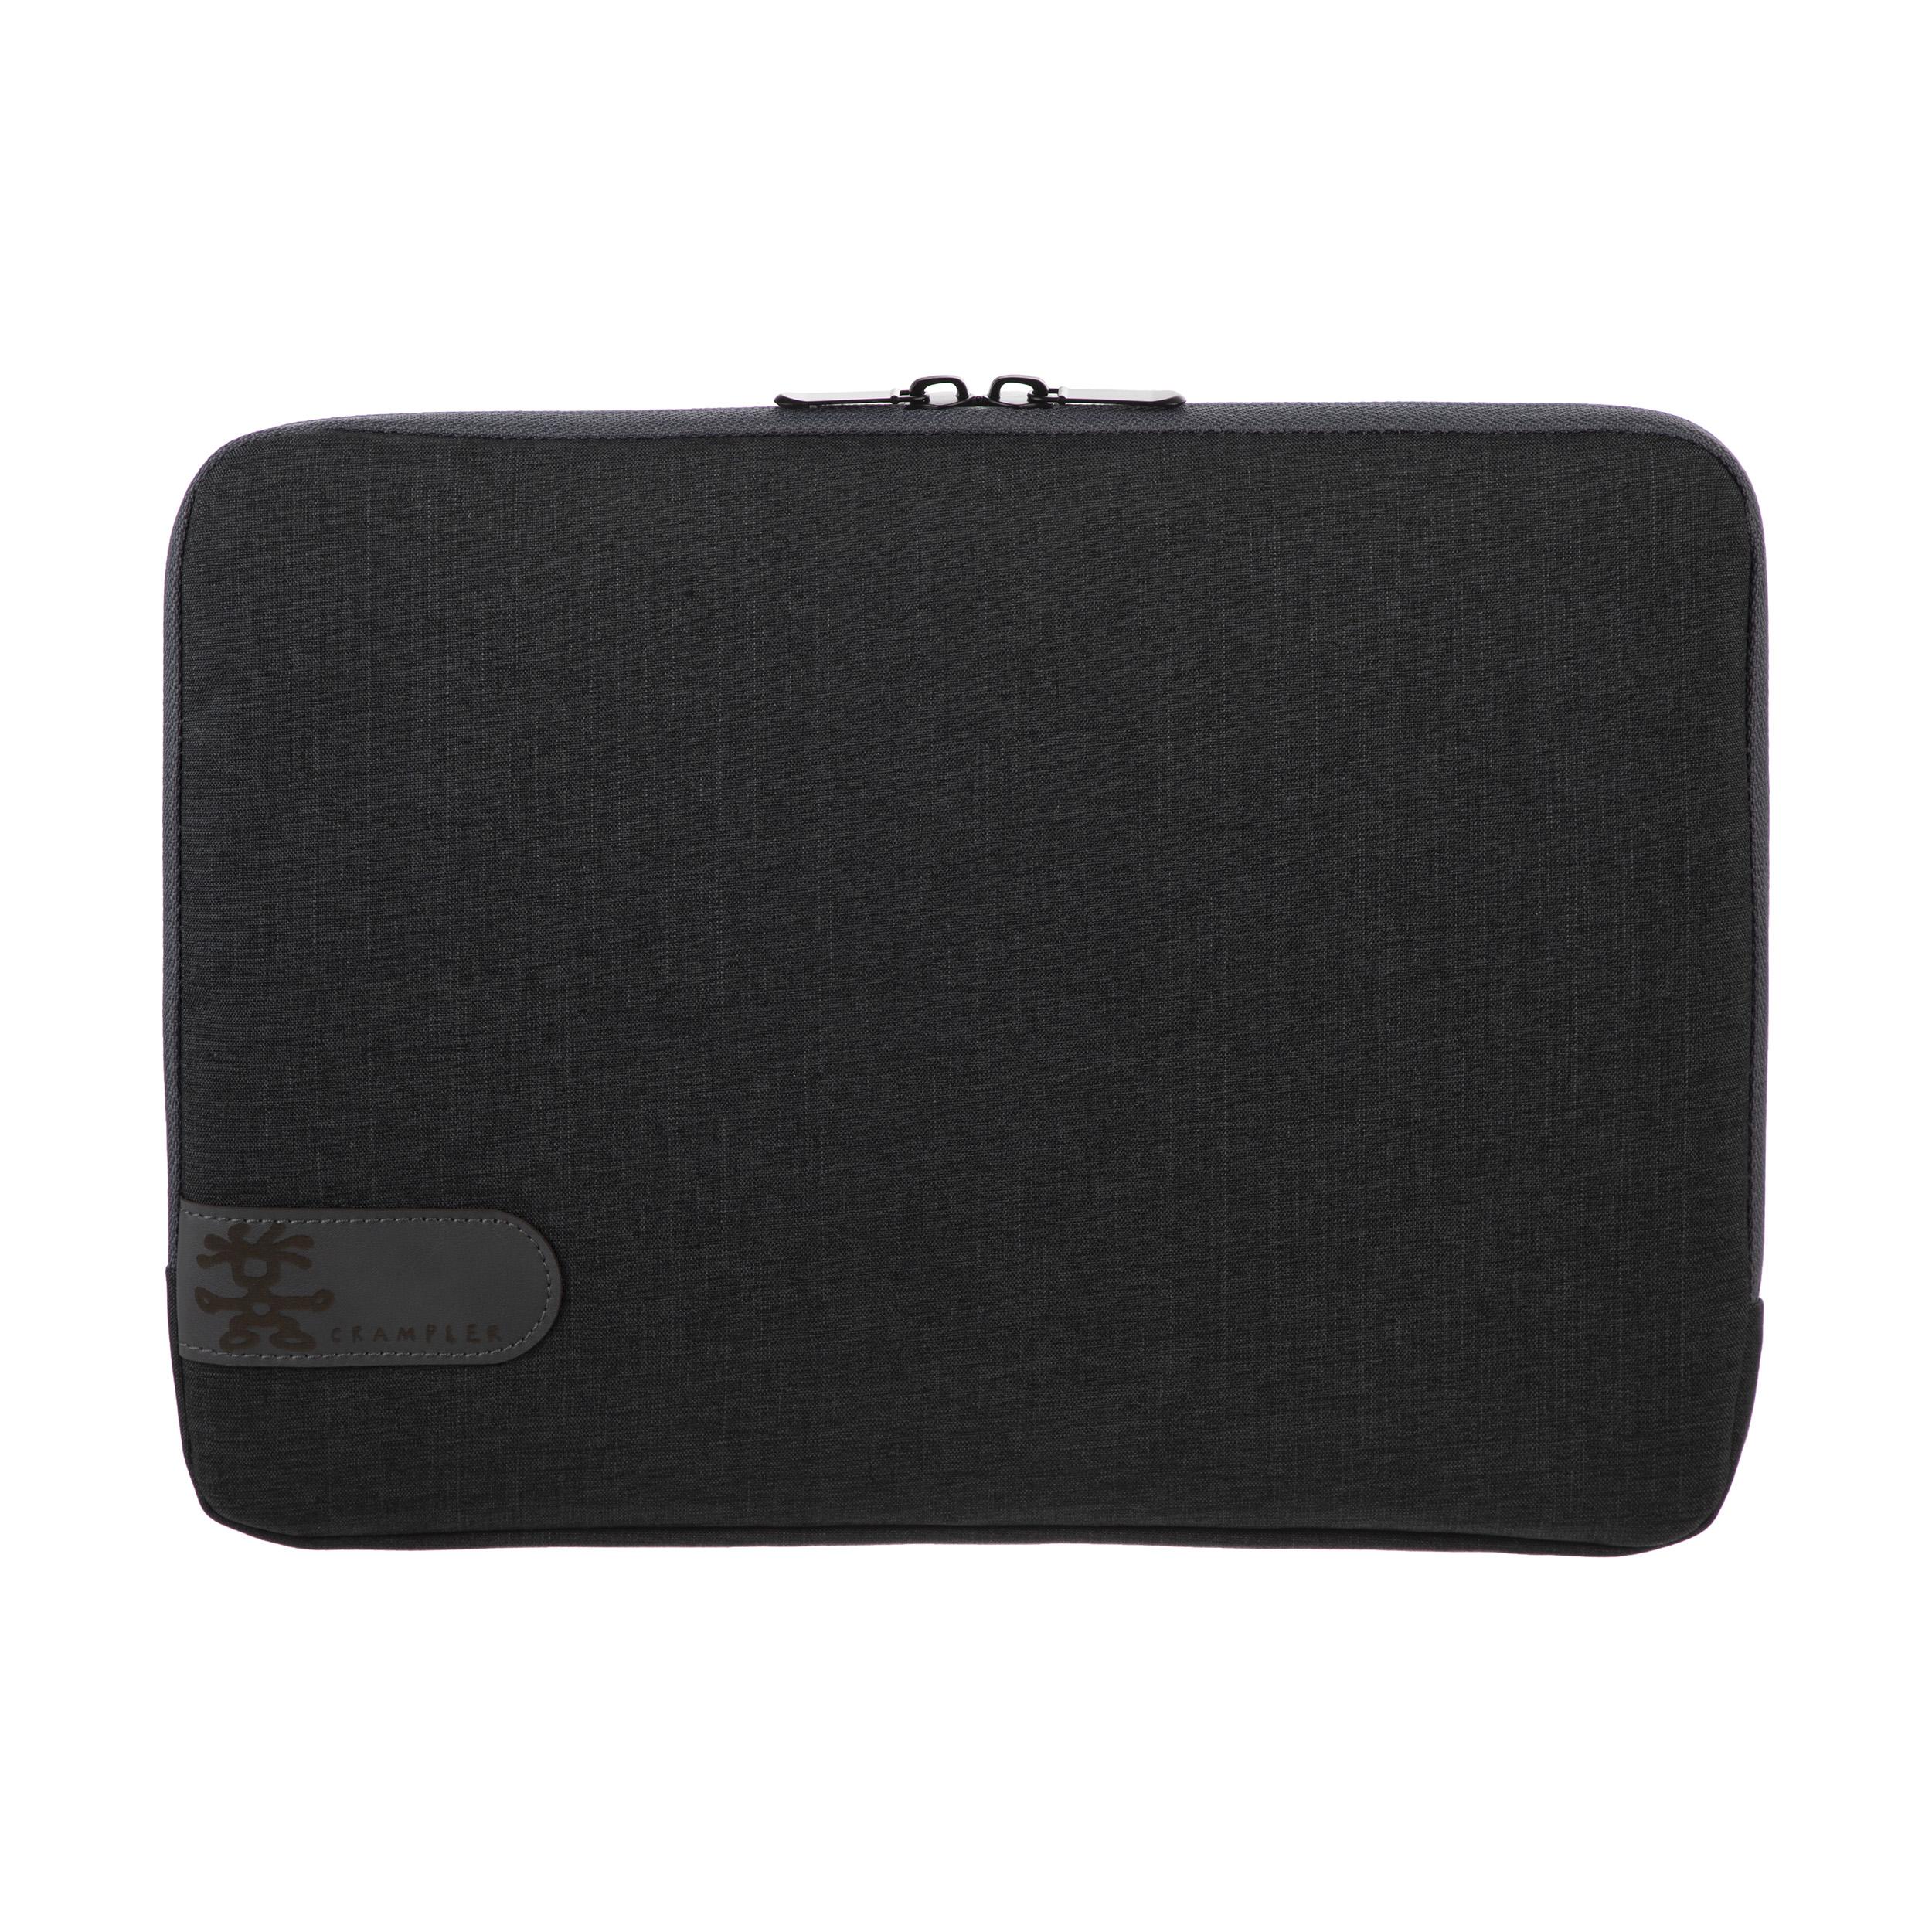 کاور لپ تاپ اس.واندر مدل Crampler-3 مناسب برای لپ تاپ 13 اینچی